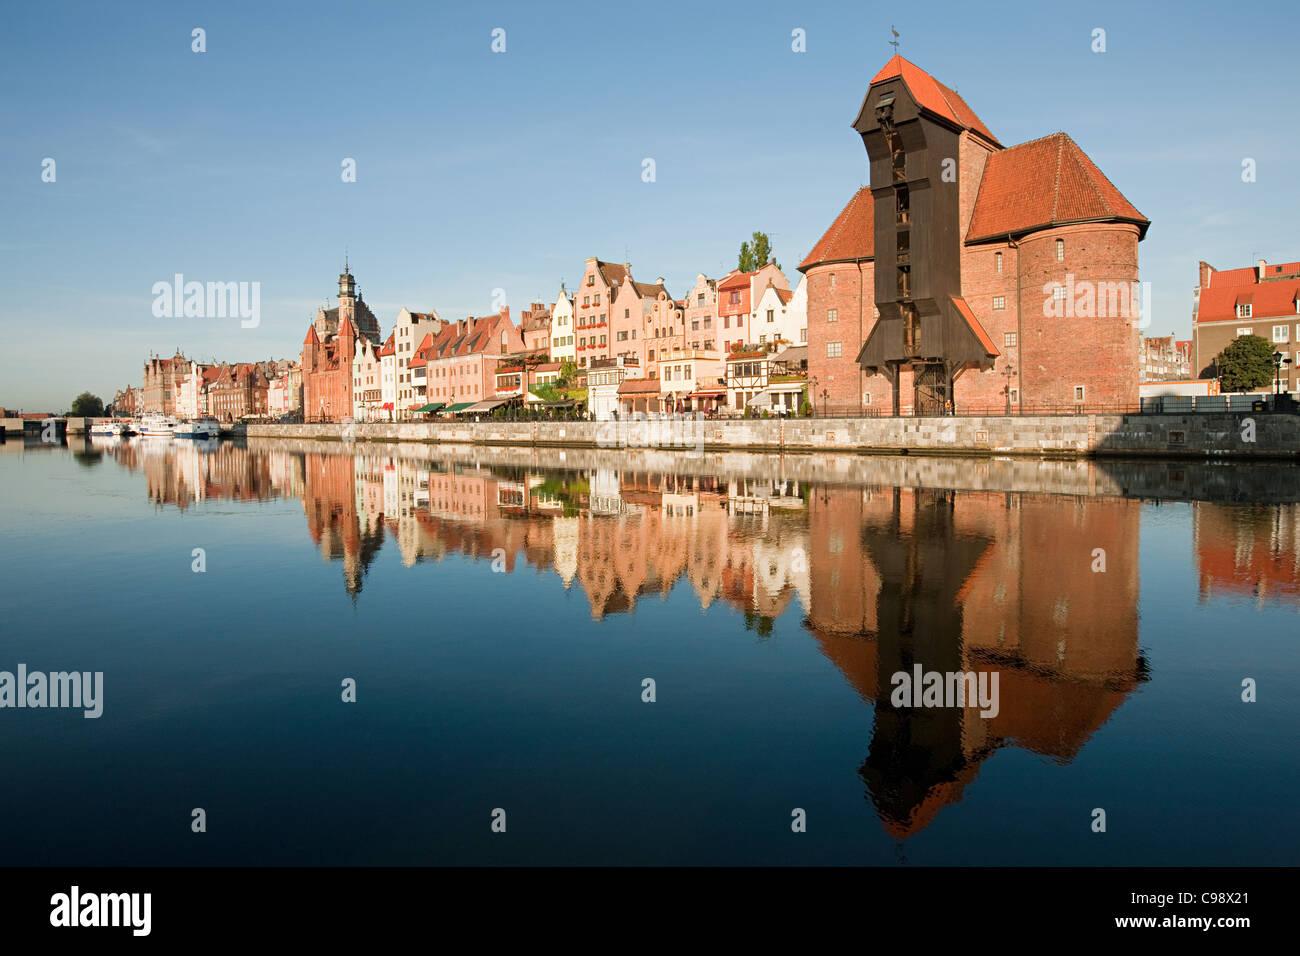 Mittelalterliche Gebäude spiegelt sich im Wasser, Danzig, Polen Stockbild